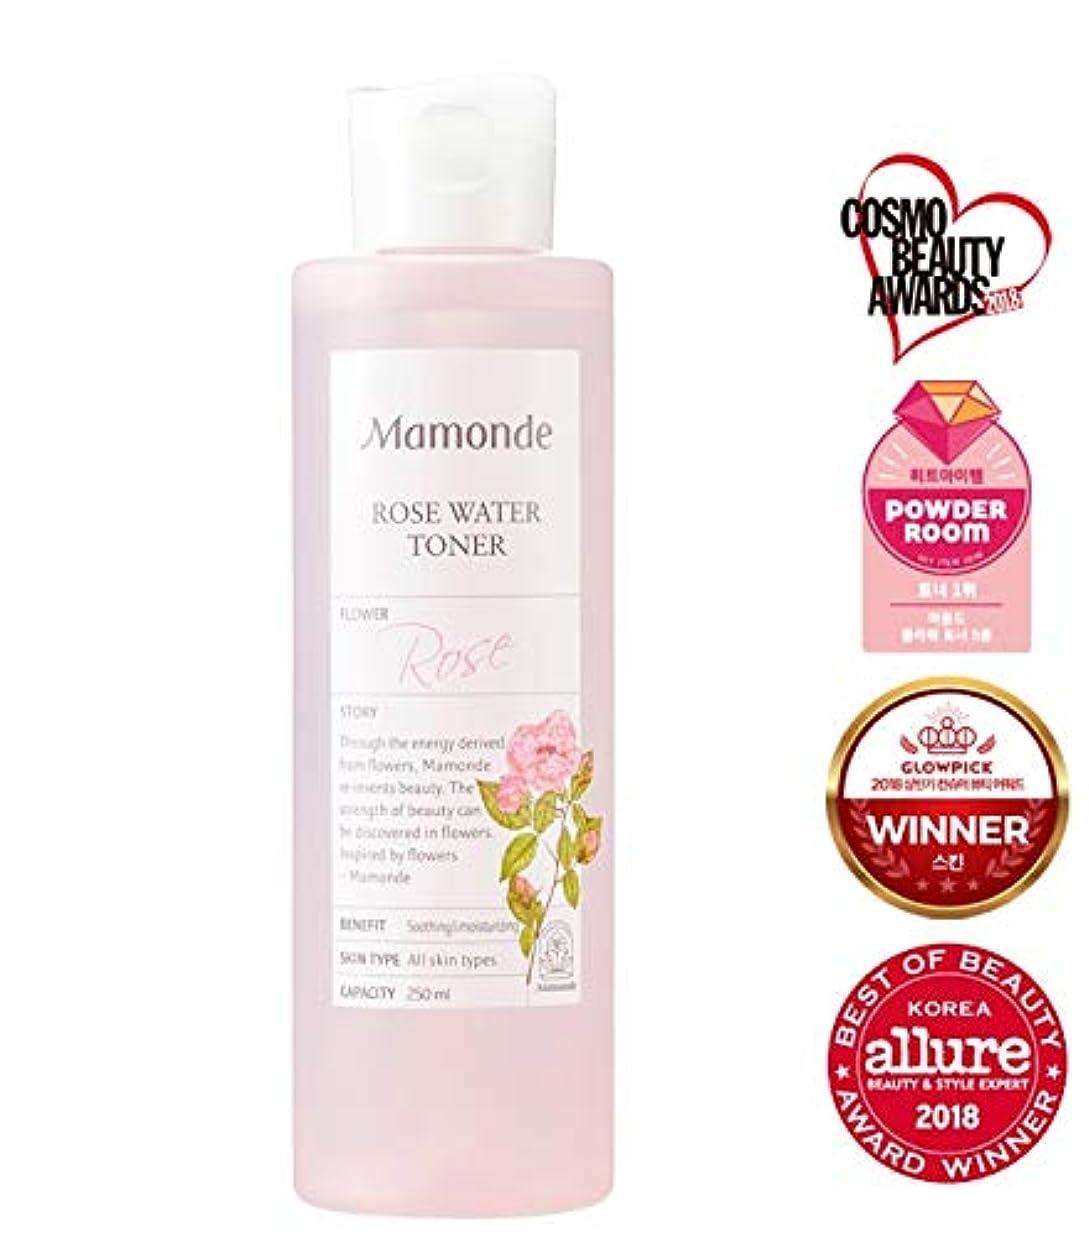 仕出します本当のことを言うと上Momonde マモンドローズウォータートナー250ml韓国の有名化粧品ブランドの人気トナー肌の洗浄、皮膚の保湿の水分補給スキンケア